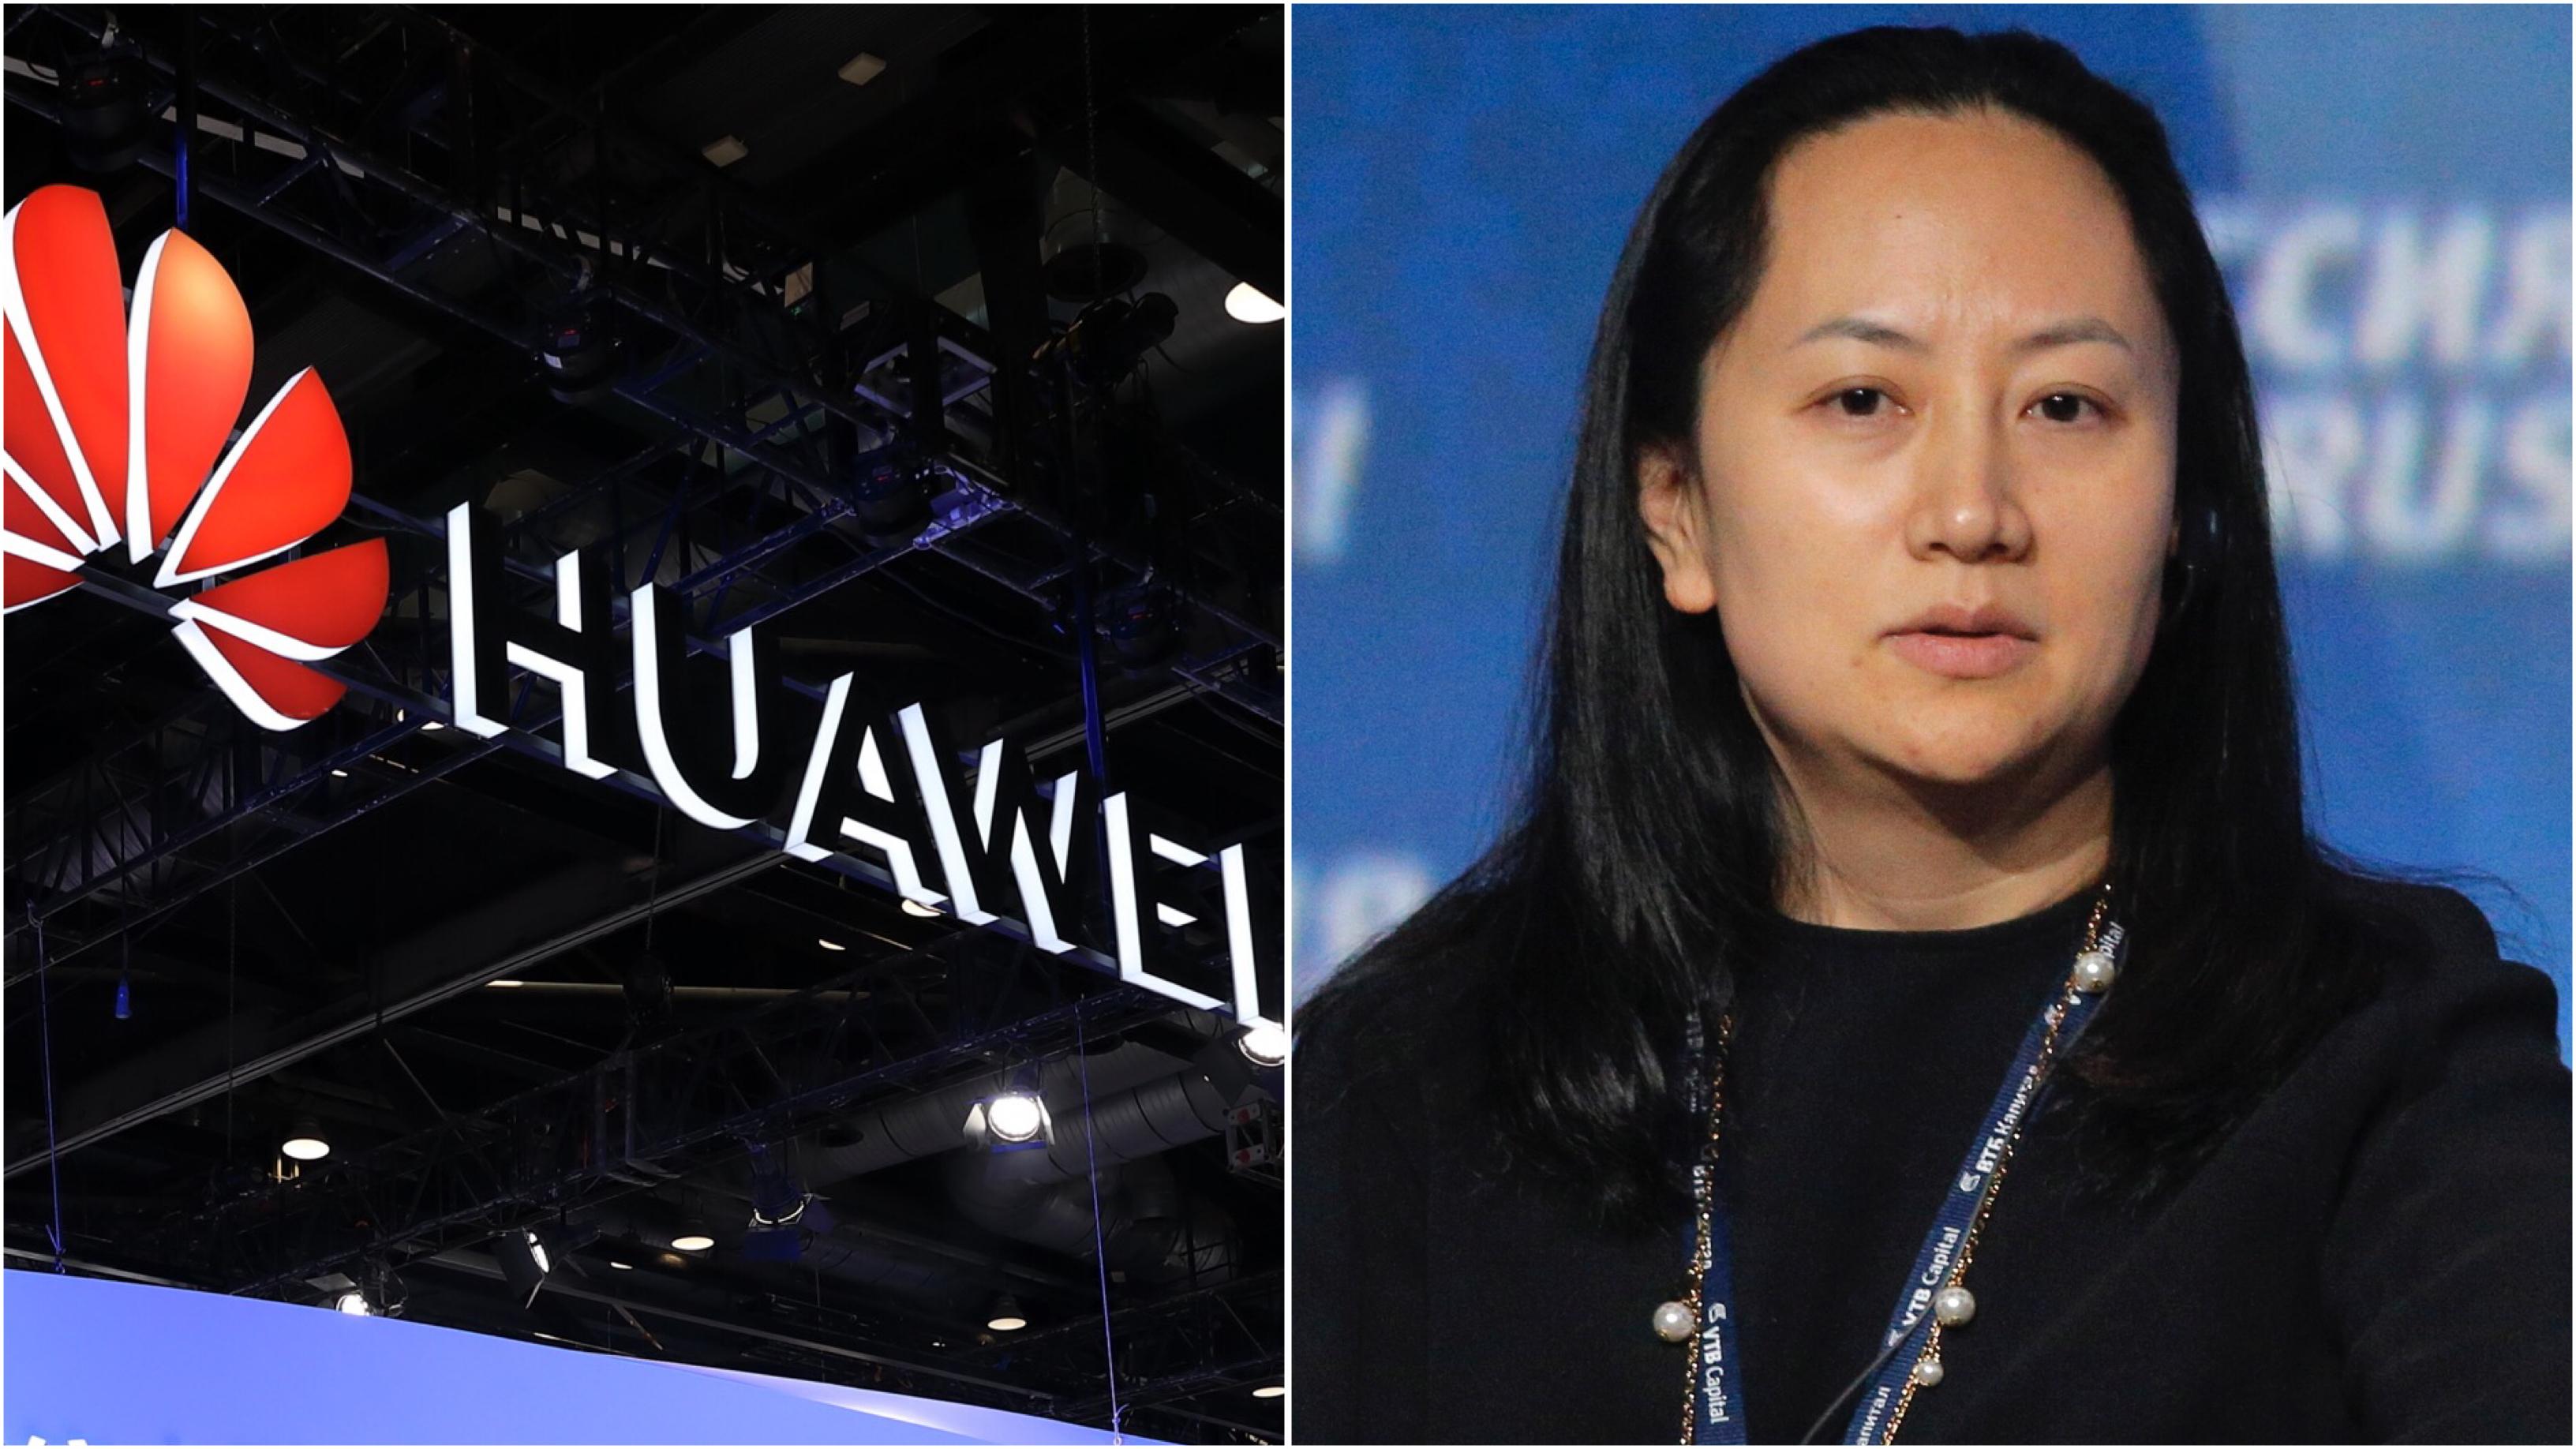 Meng Wanzhou, the CFO of tech giant Huawei has been arrested in Canada.